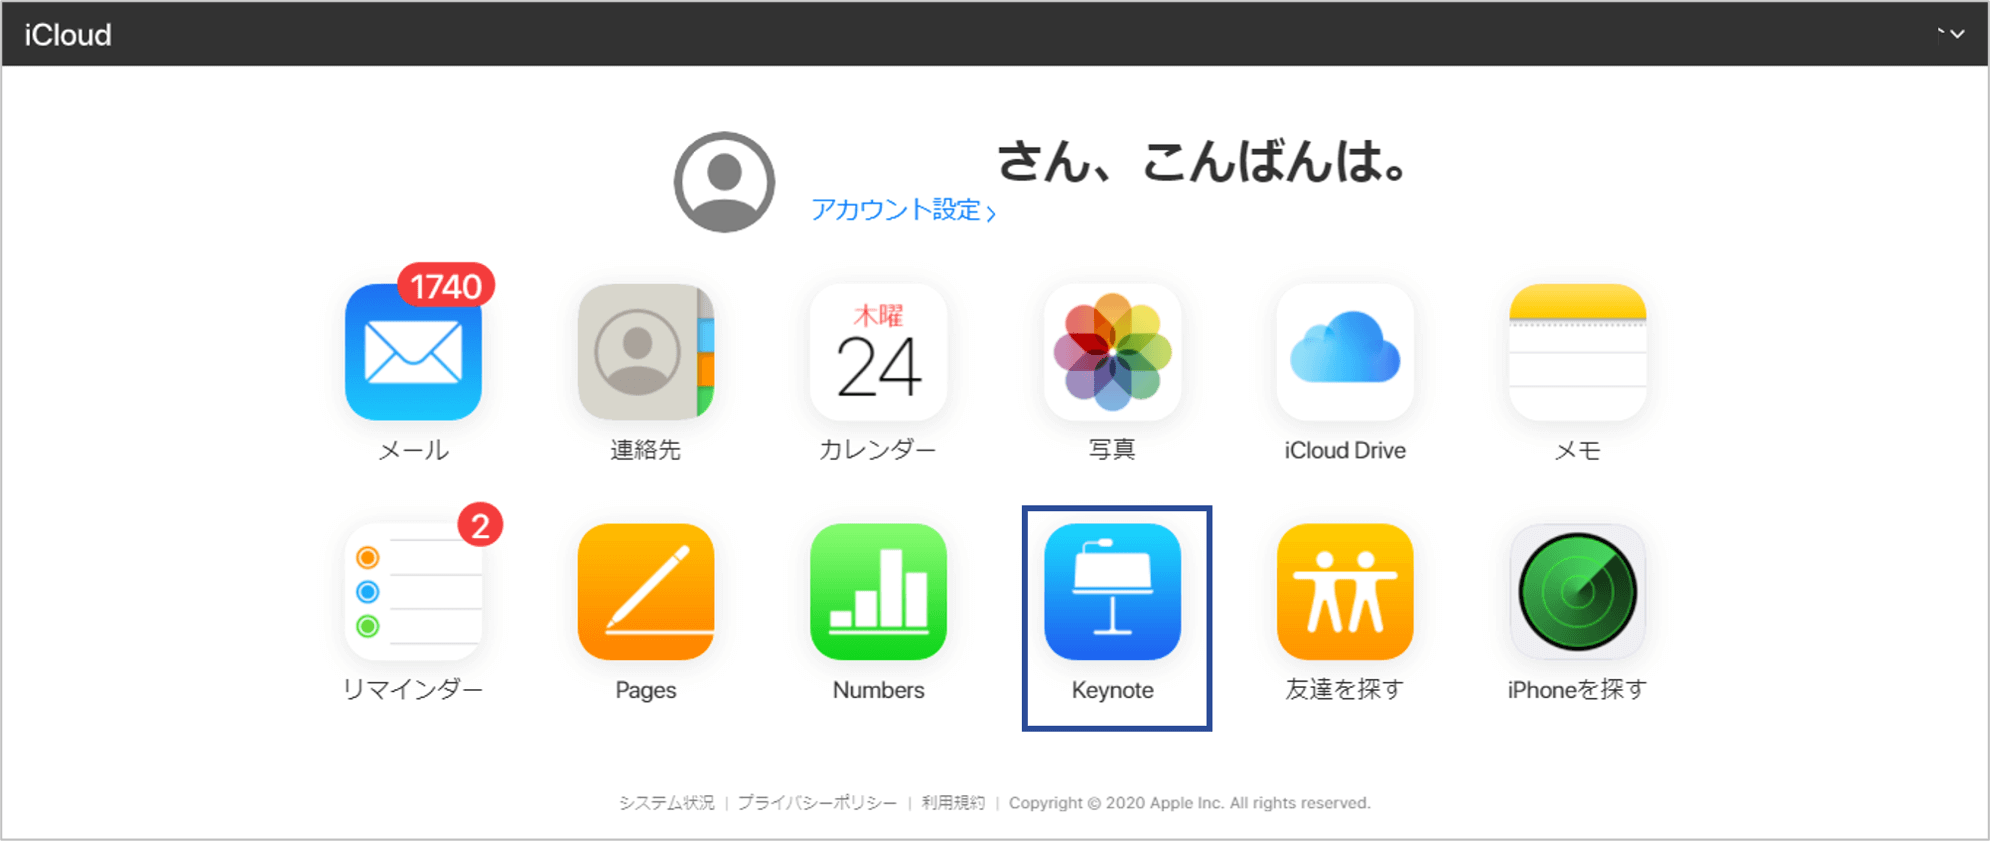 キーノート Windows 活用方法3